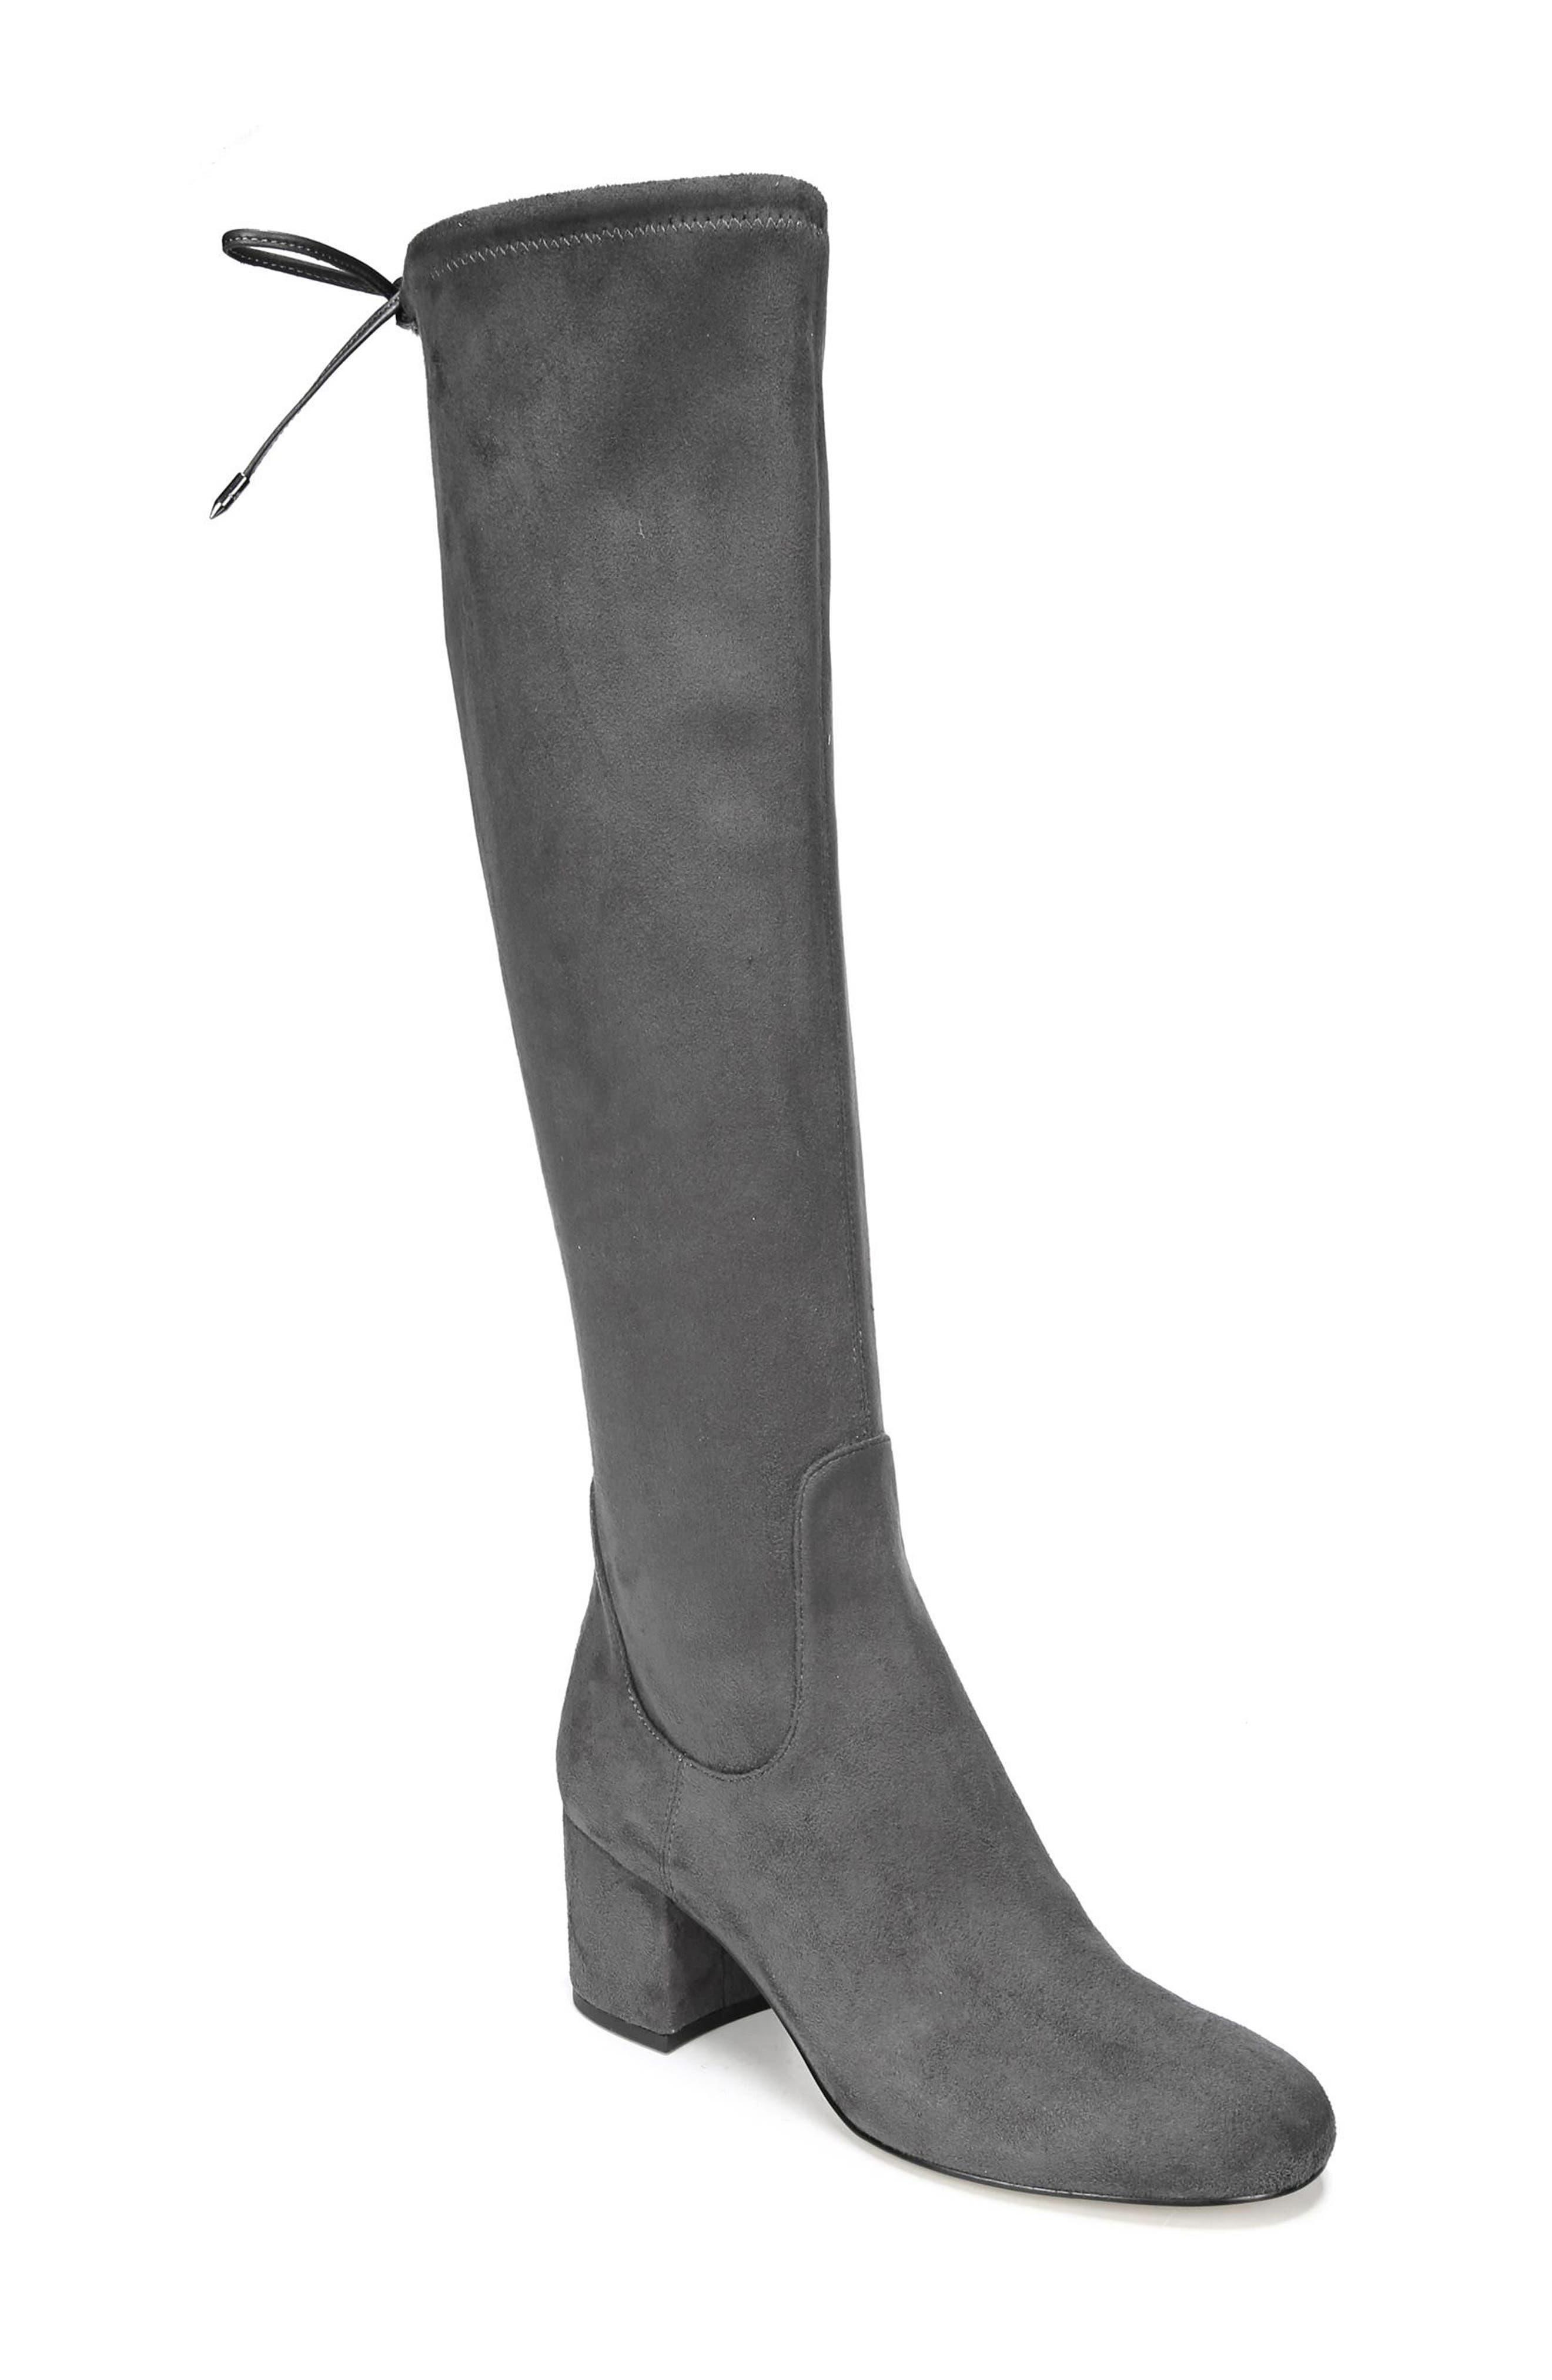 Alternate Image 1 Selected - Sam Edelman Vinney Boot (Women)